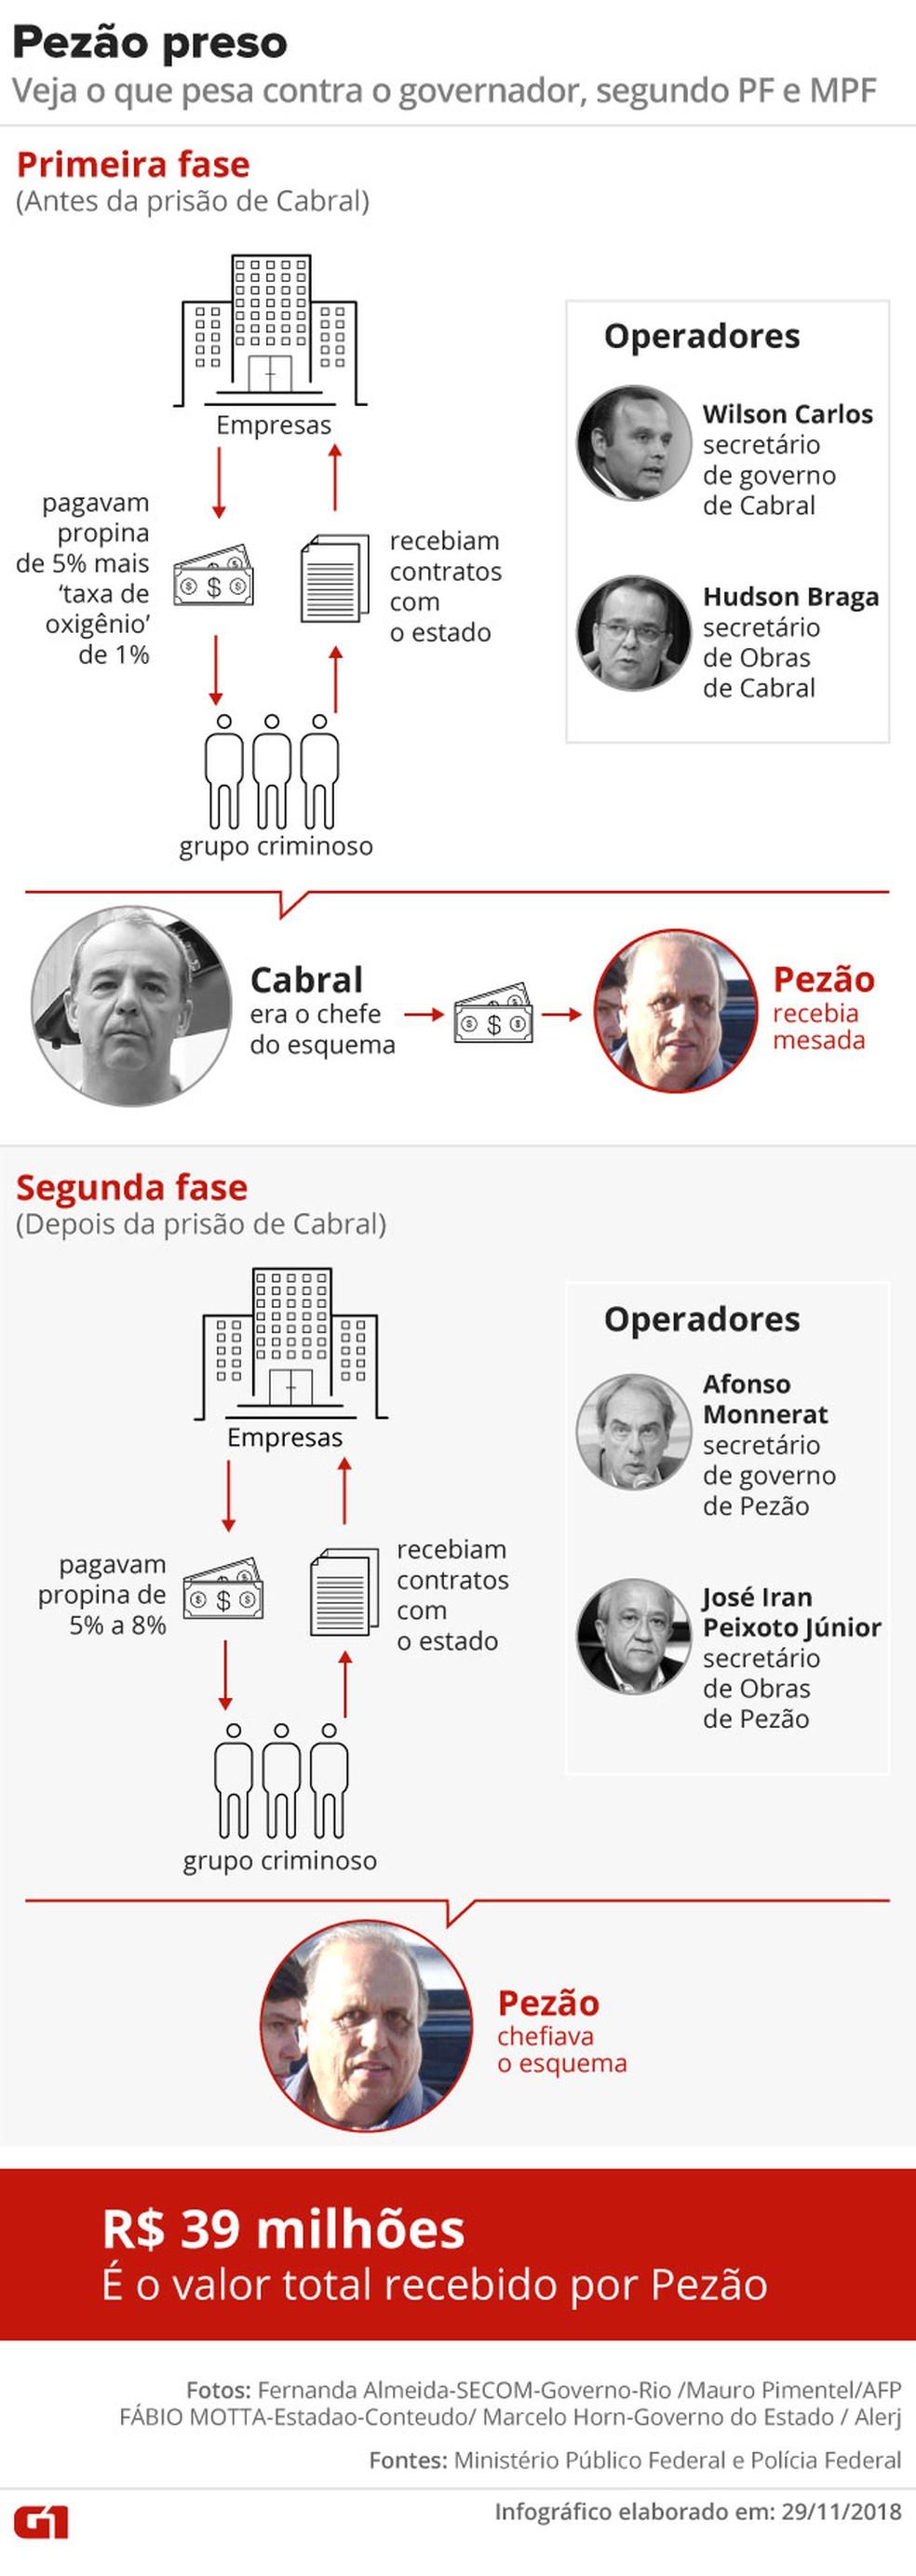 NÃO USAR --- Arte detalha esquema de Pezão e Cabral, segundo o MPF — Foto: Infográfico: Karina Almeida/G1